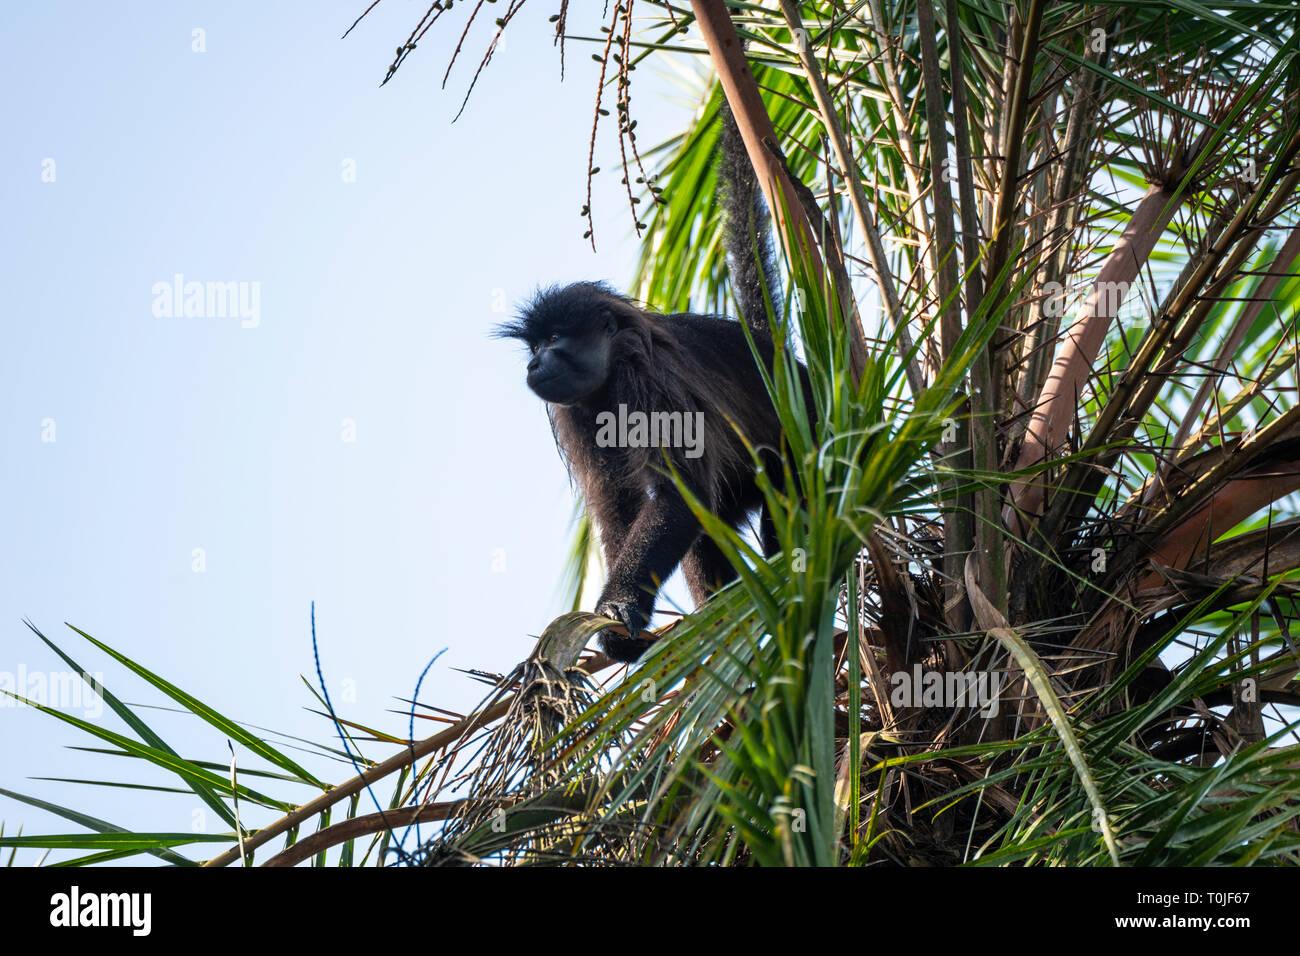 Ugandan red colobus monkey (Procolobus tephrosceles) about to leap from tree, Bigodi Wetland Sanctuary, Magombe Swamp, South West Uganda, East Africa - Stock Image